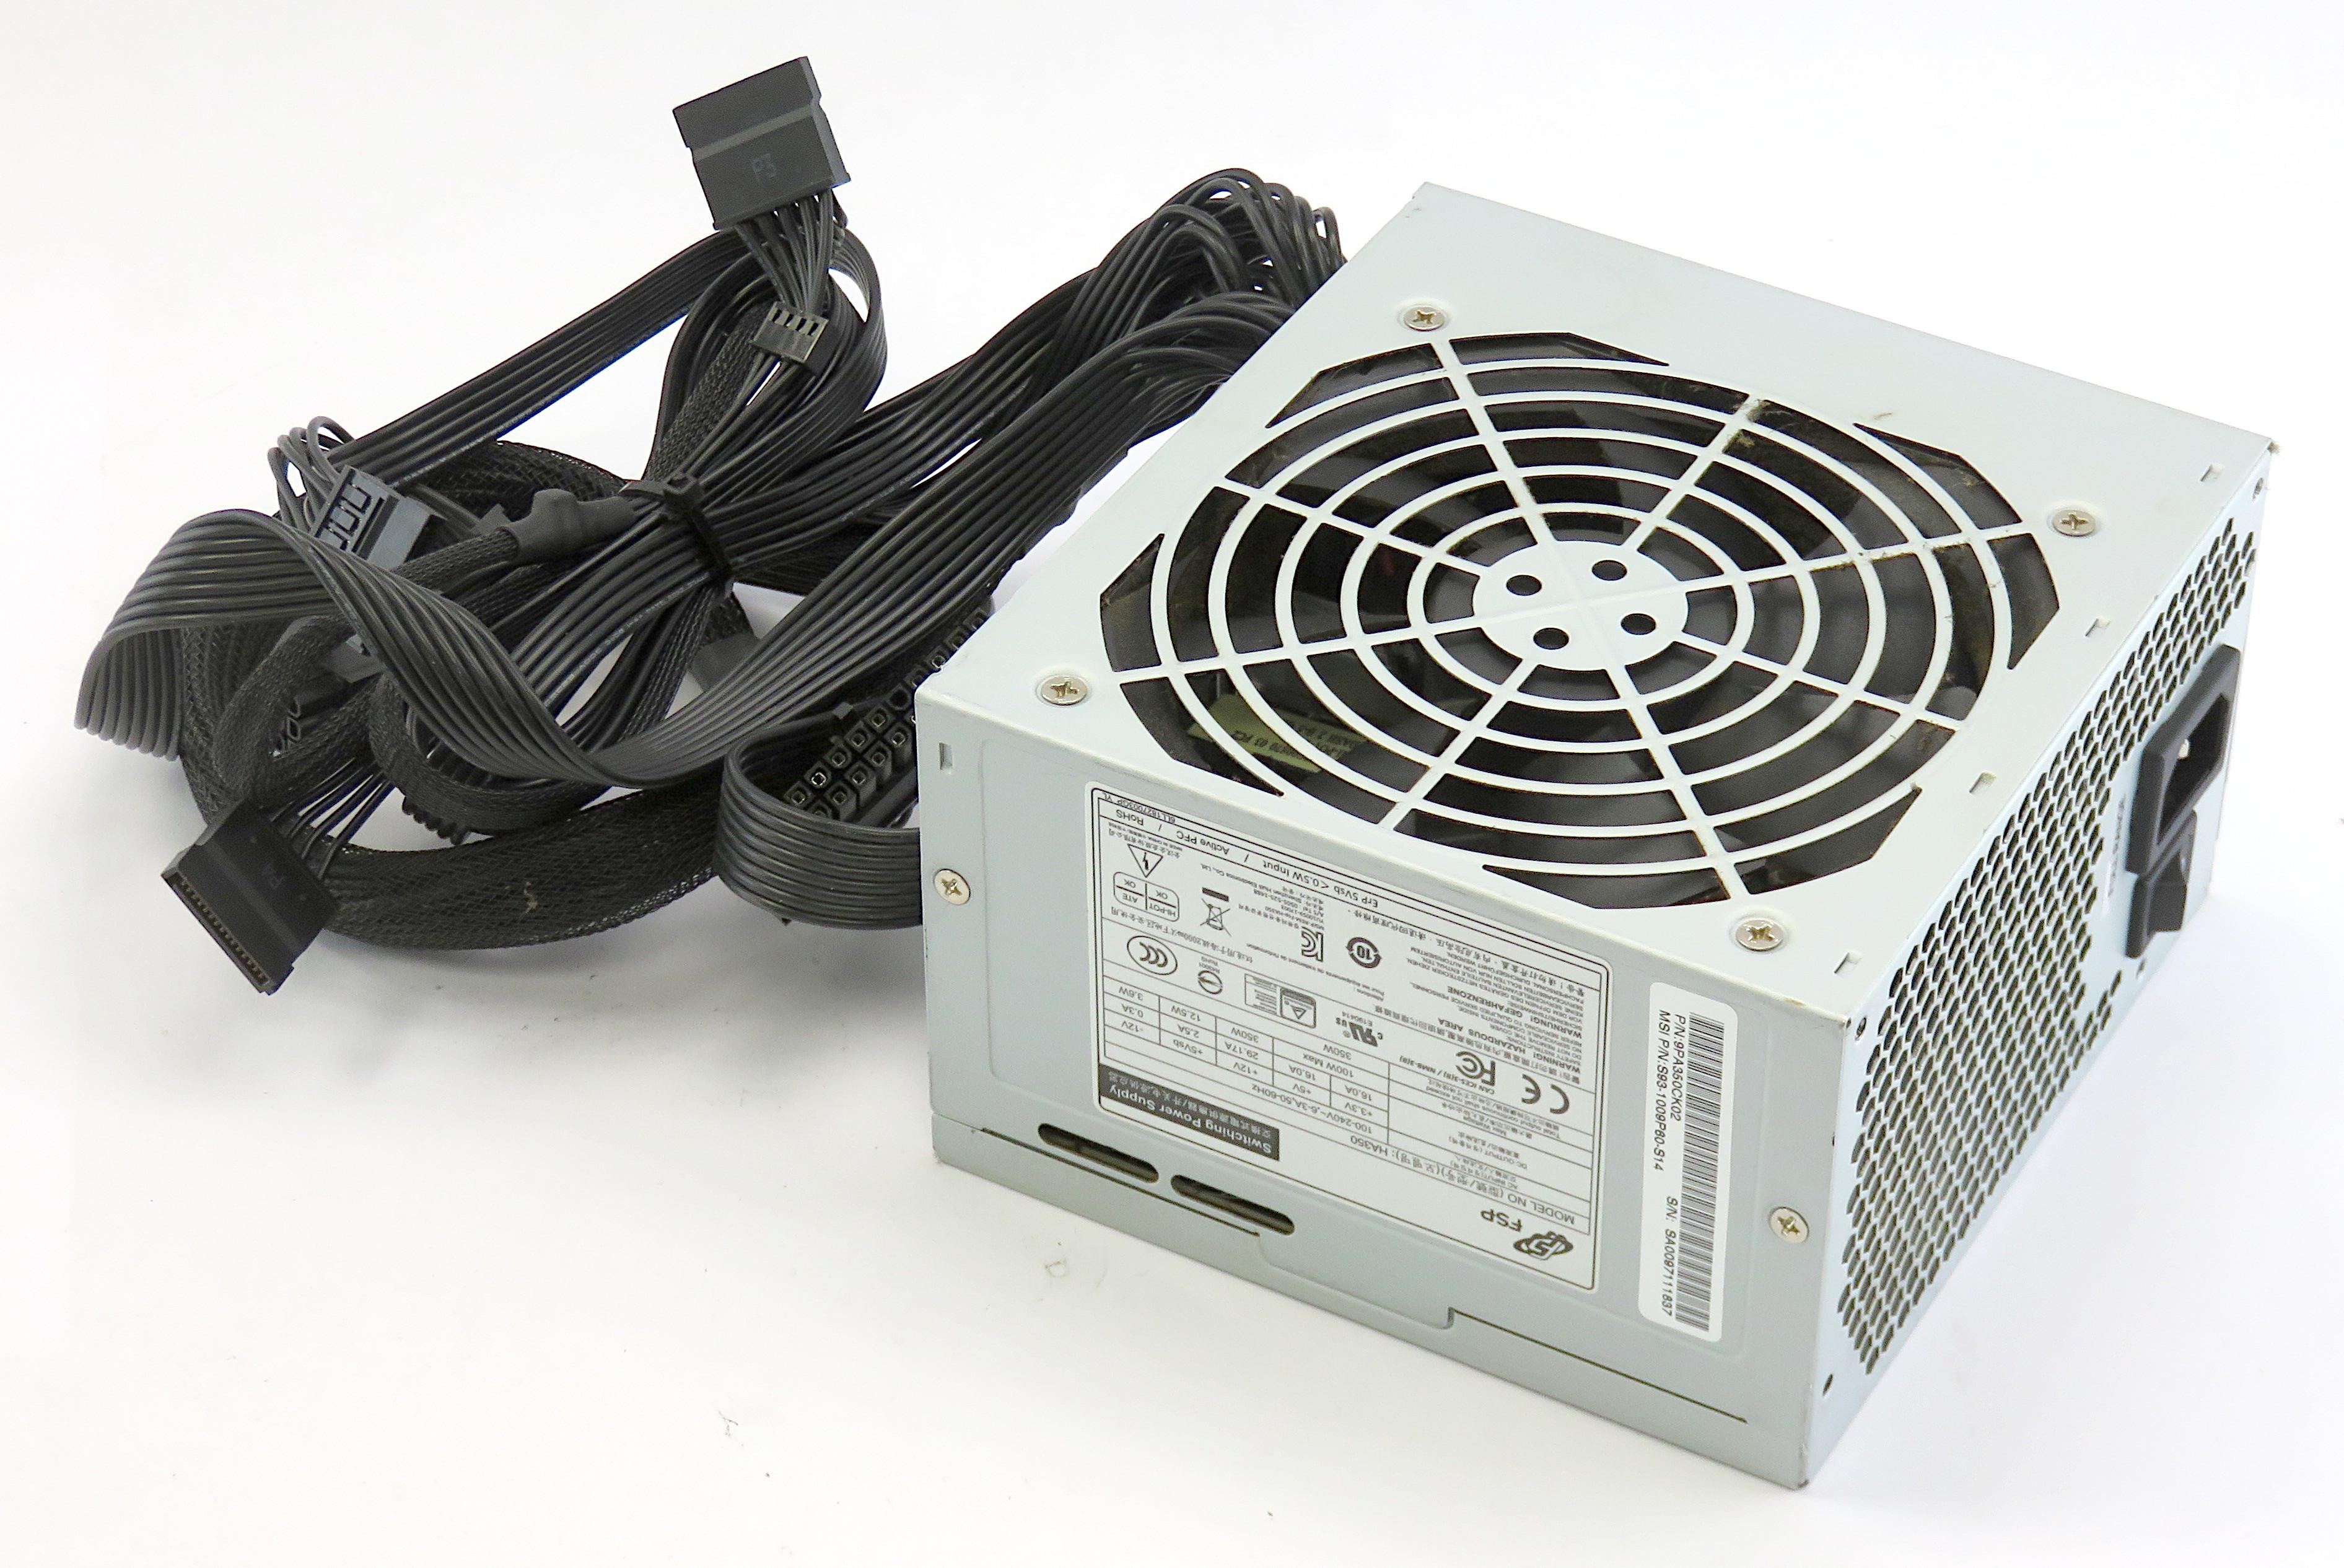 MSI S93-1009P60-S14 FSP HA350 ATX Power Supply 9PA350CK02 f/ Infinite Gaming PC